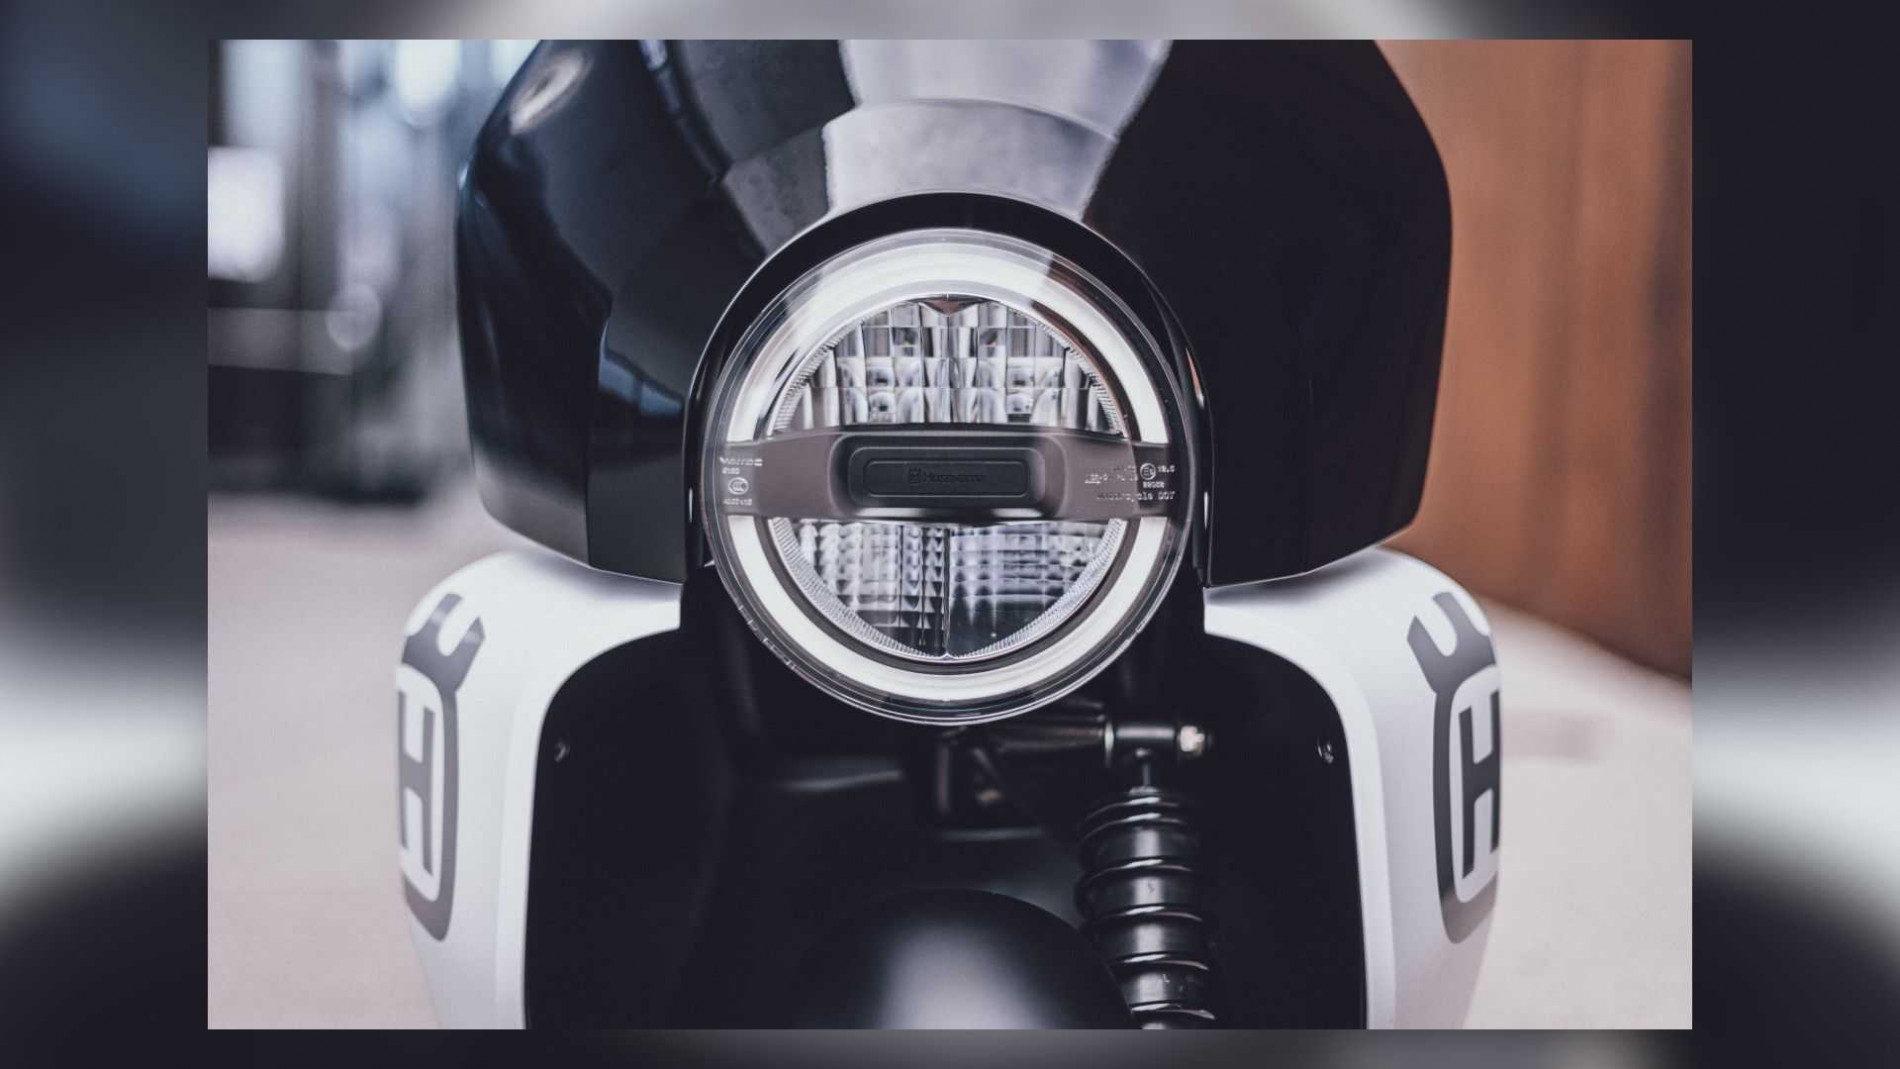 """Mẫu xe máy điện mới thiết kế """"sắc lẹm"""", sạc đầy pin đi 95 km, chặt đẹp mọi mẫu mã - Ảnh 2."""